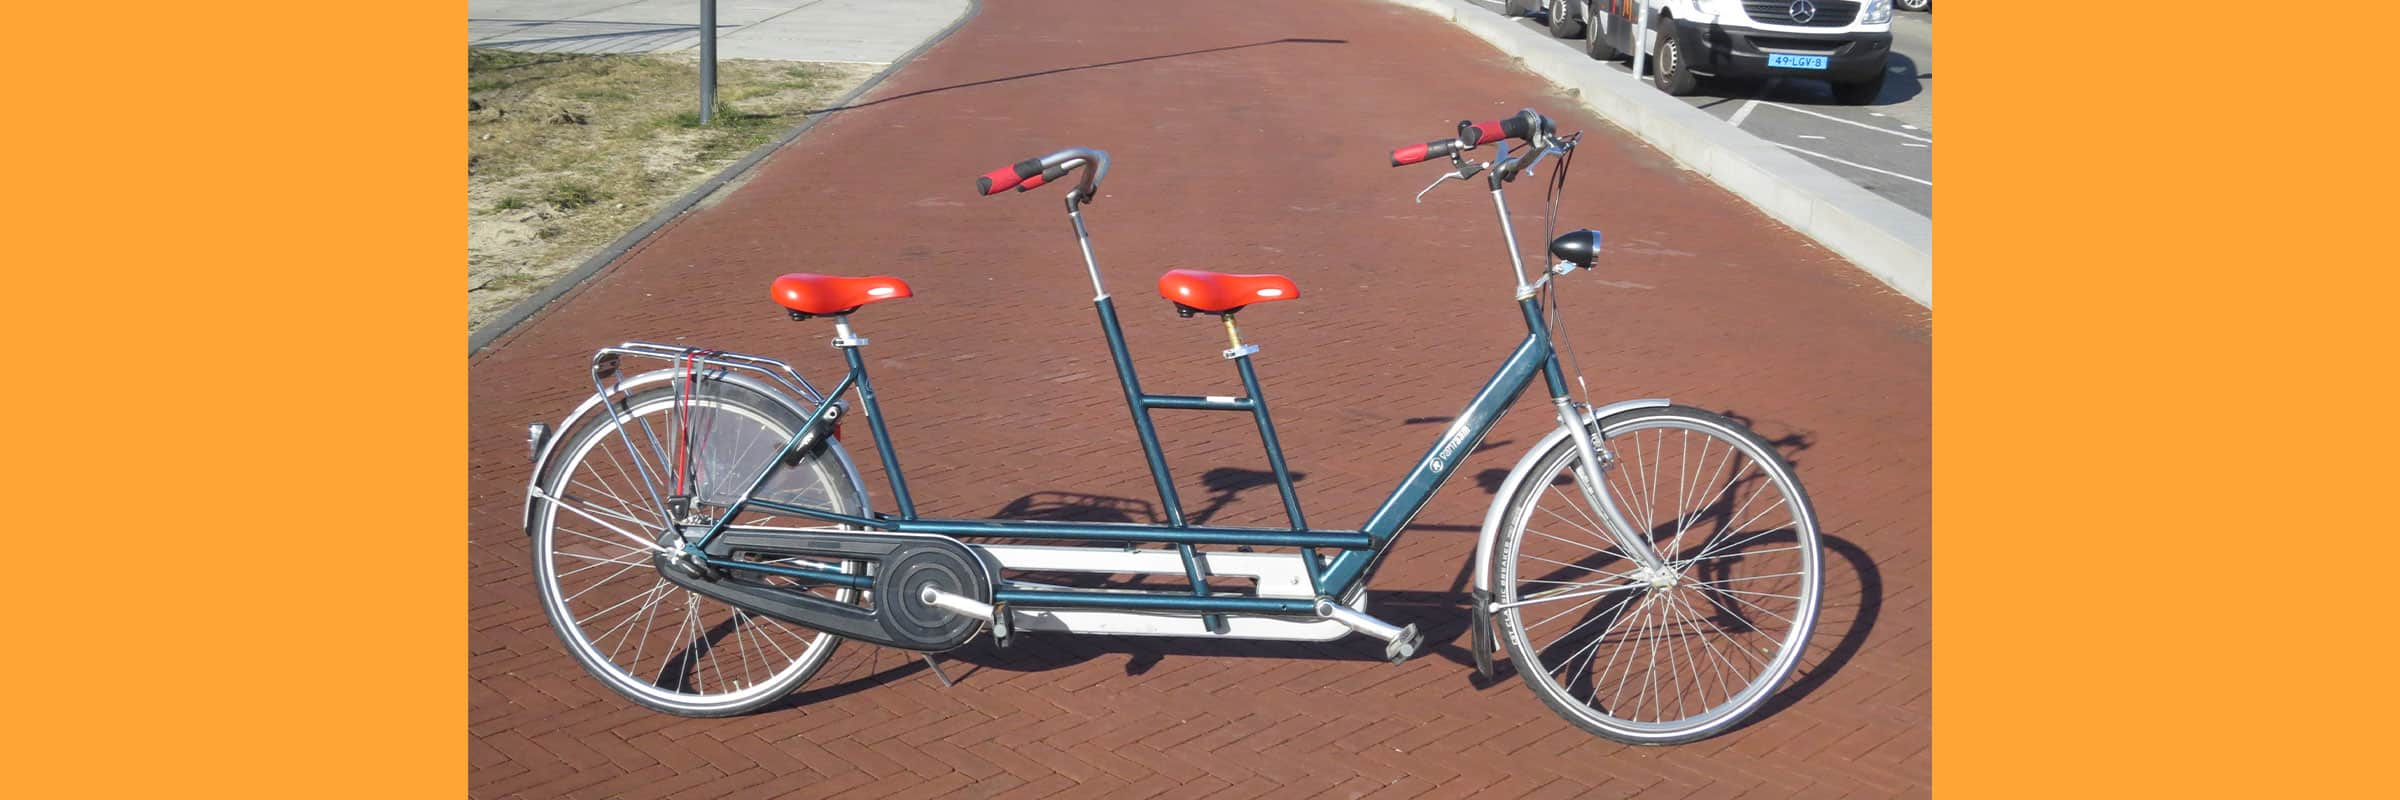 Huur een tandem bij fietsverhuur EasyFiets in Leiden. Een heerlijke fietstocht door de duinen of naar het strand, en dat met z'n tweeën!